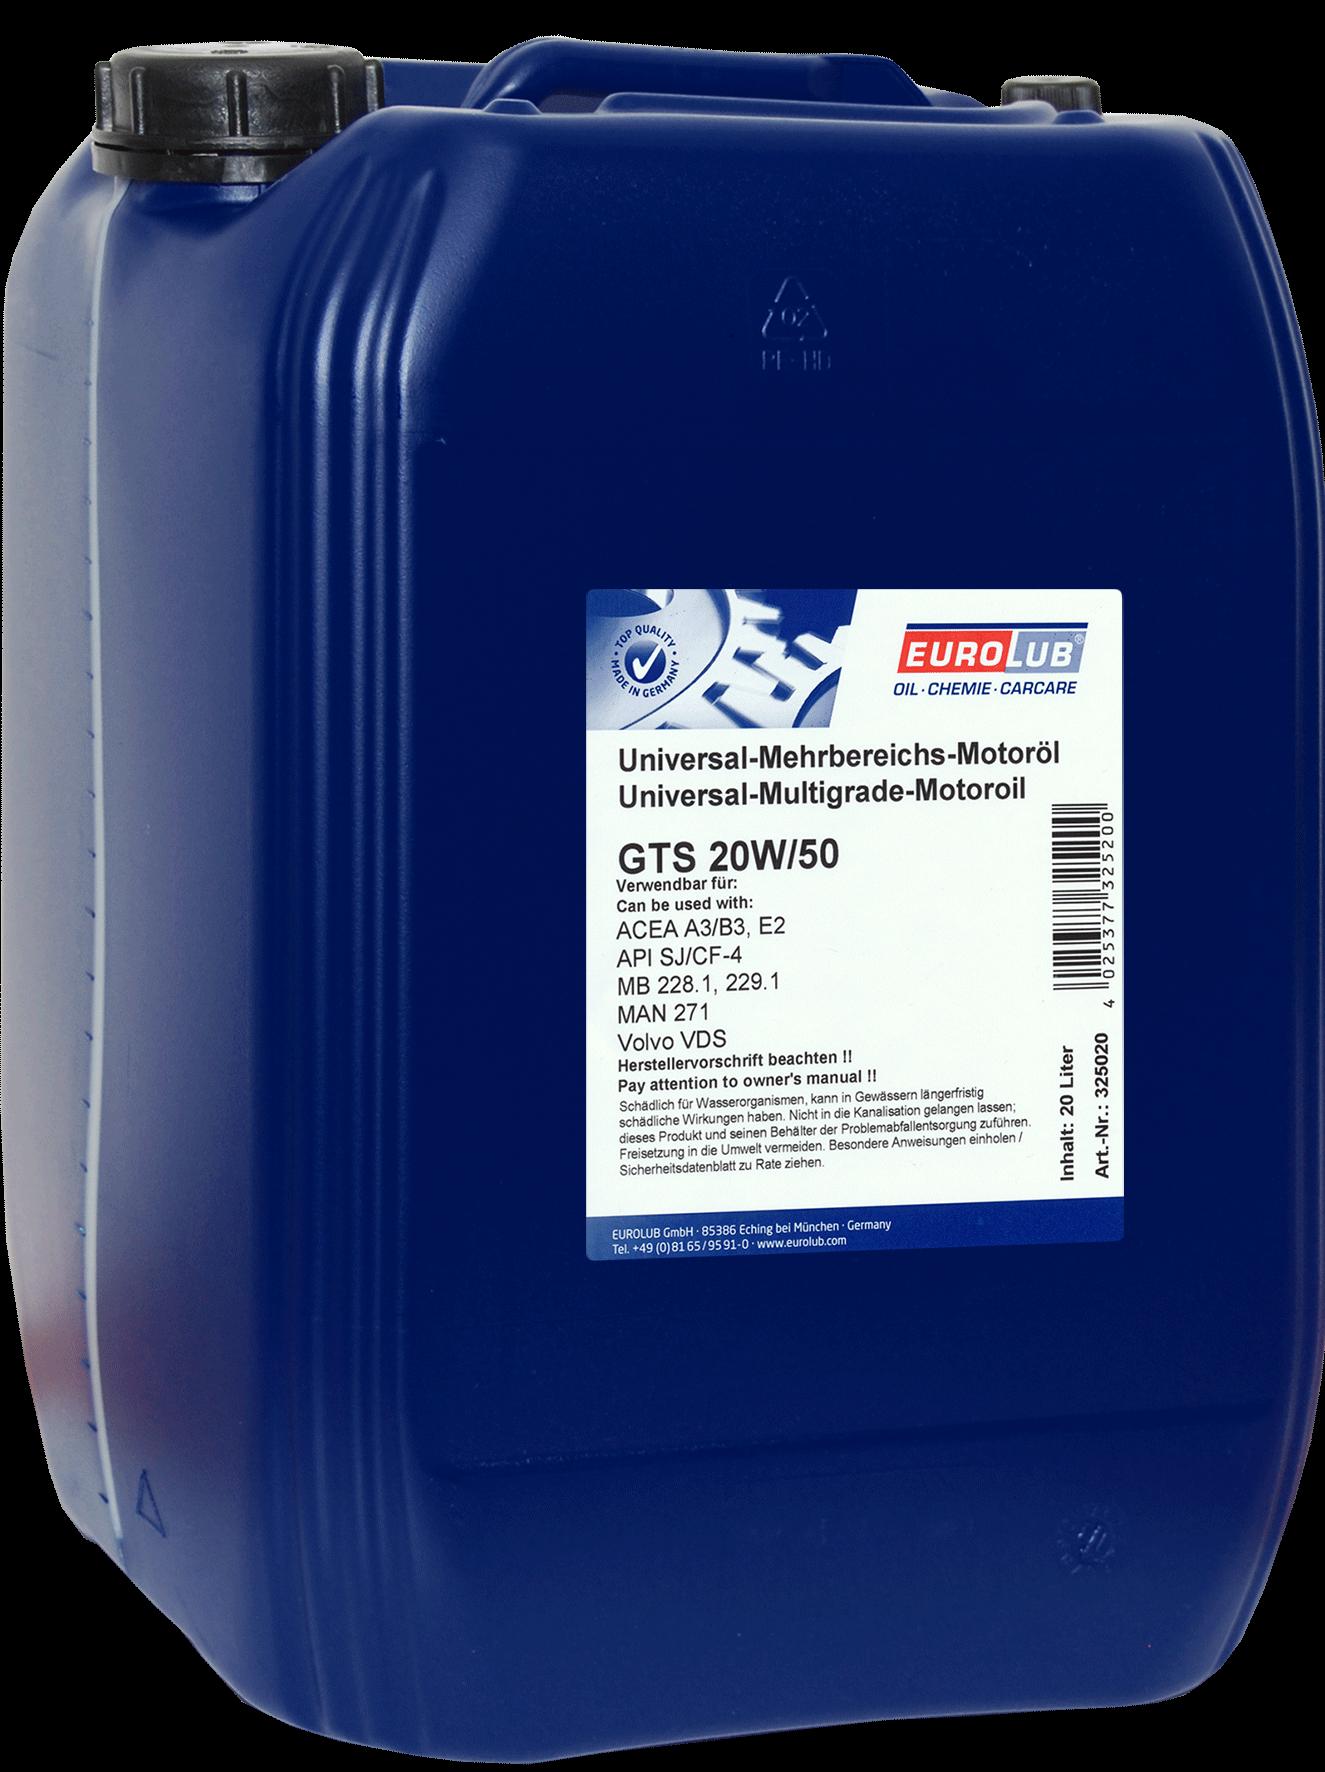 EUROLUB GTS 20W/50 (минеральное), 20л